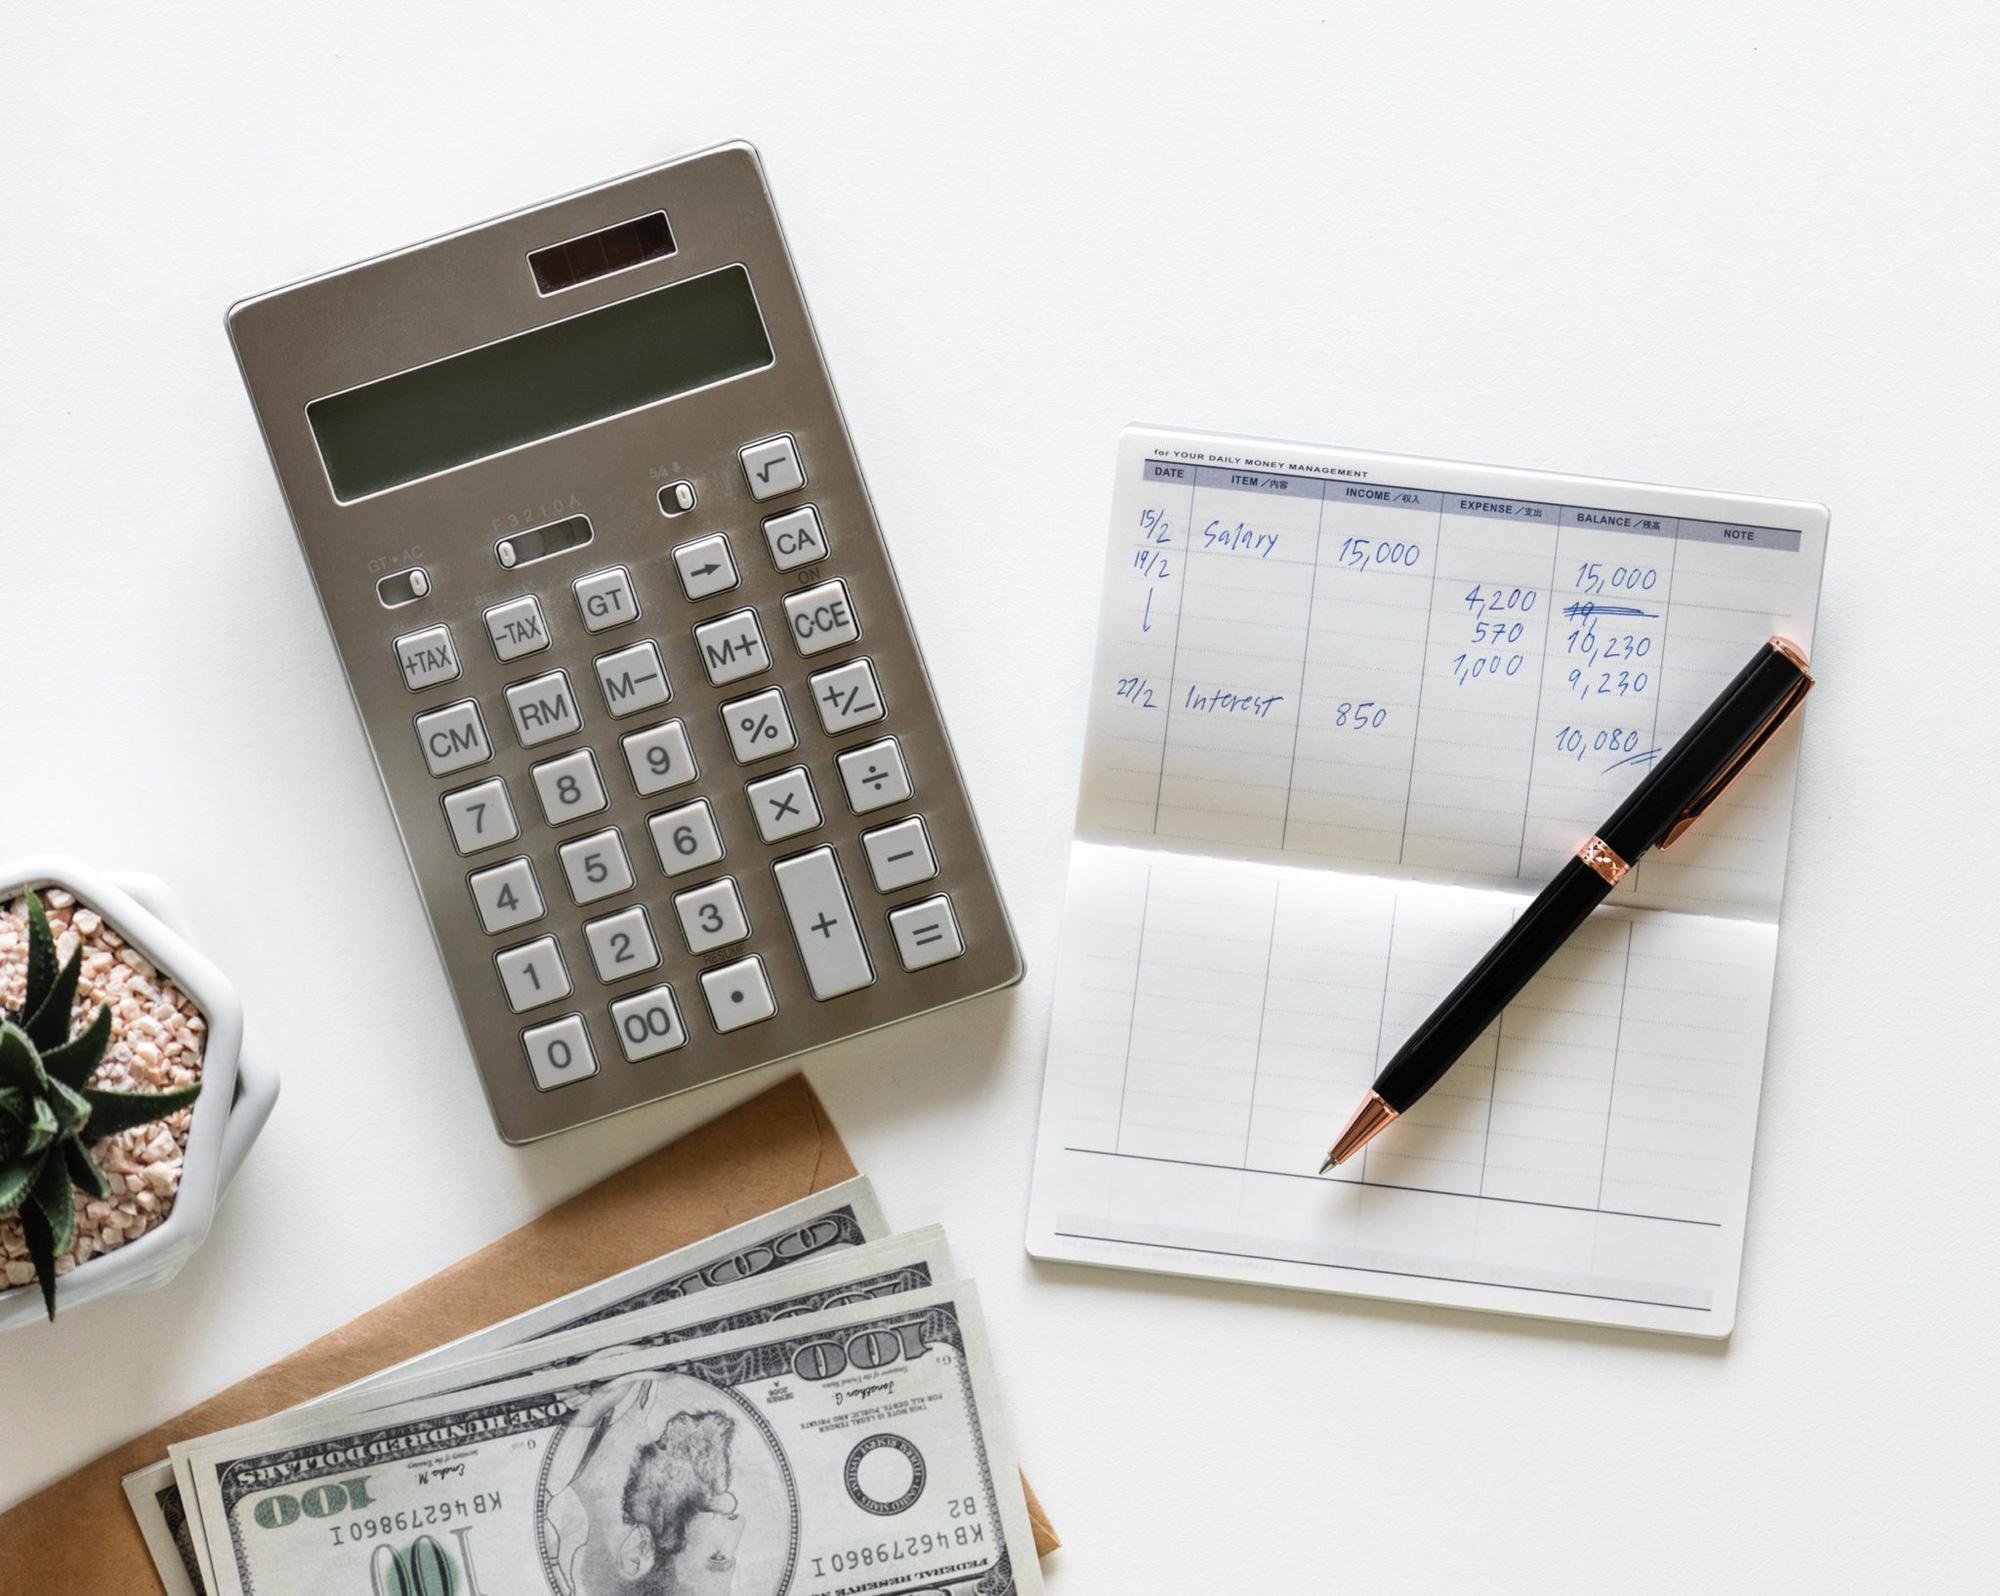 So sánh lãi suất ngân hàng tháng 3/2020: Gửi tiết kiệm 2 năm ở đâu lãi cao nhất? - Ảnh 1.